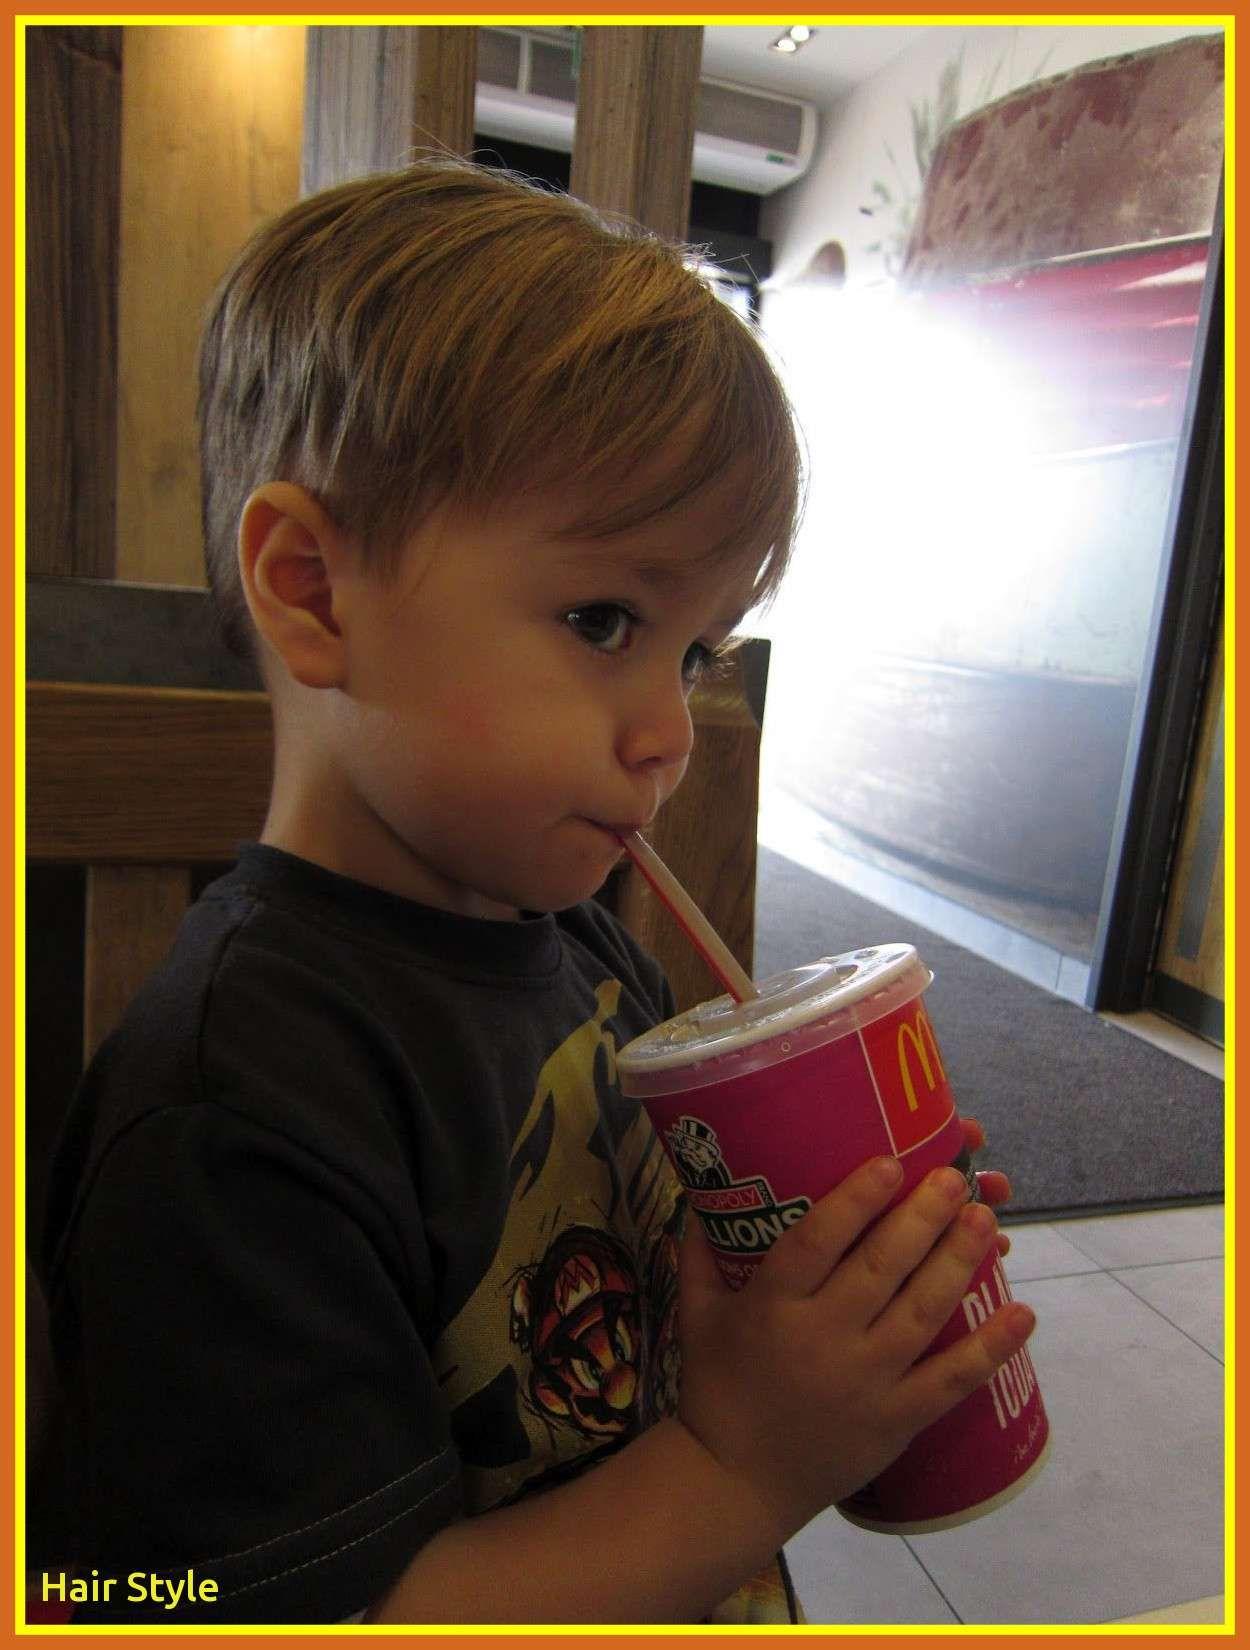 Bilderesultat For Toddler Boy Hairstyle Fine Thin Hair Kleinkind Junge Haarschnitt Jungs Haarschnitte Kleinkind Junge